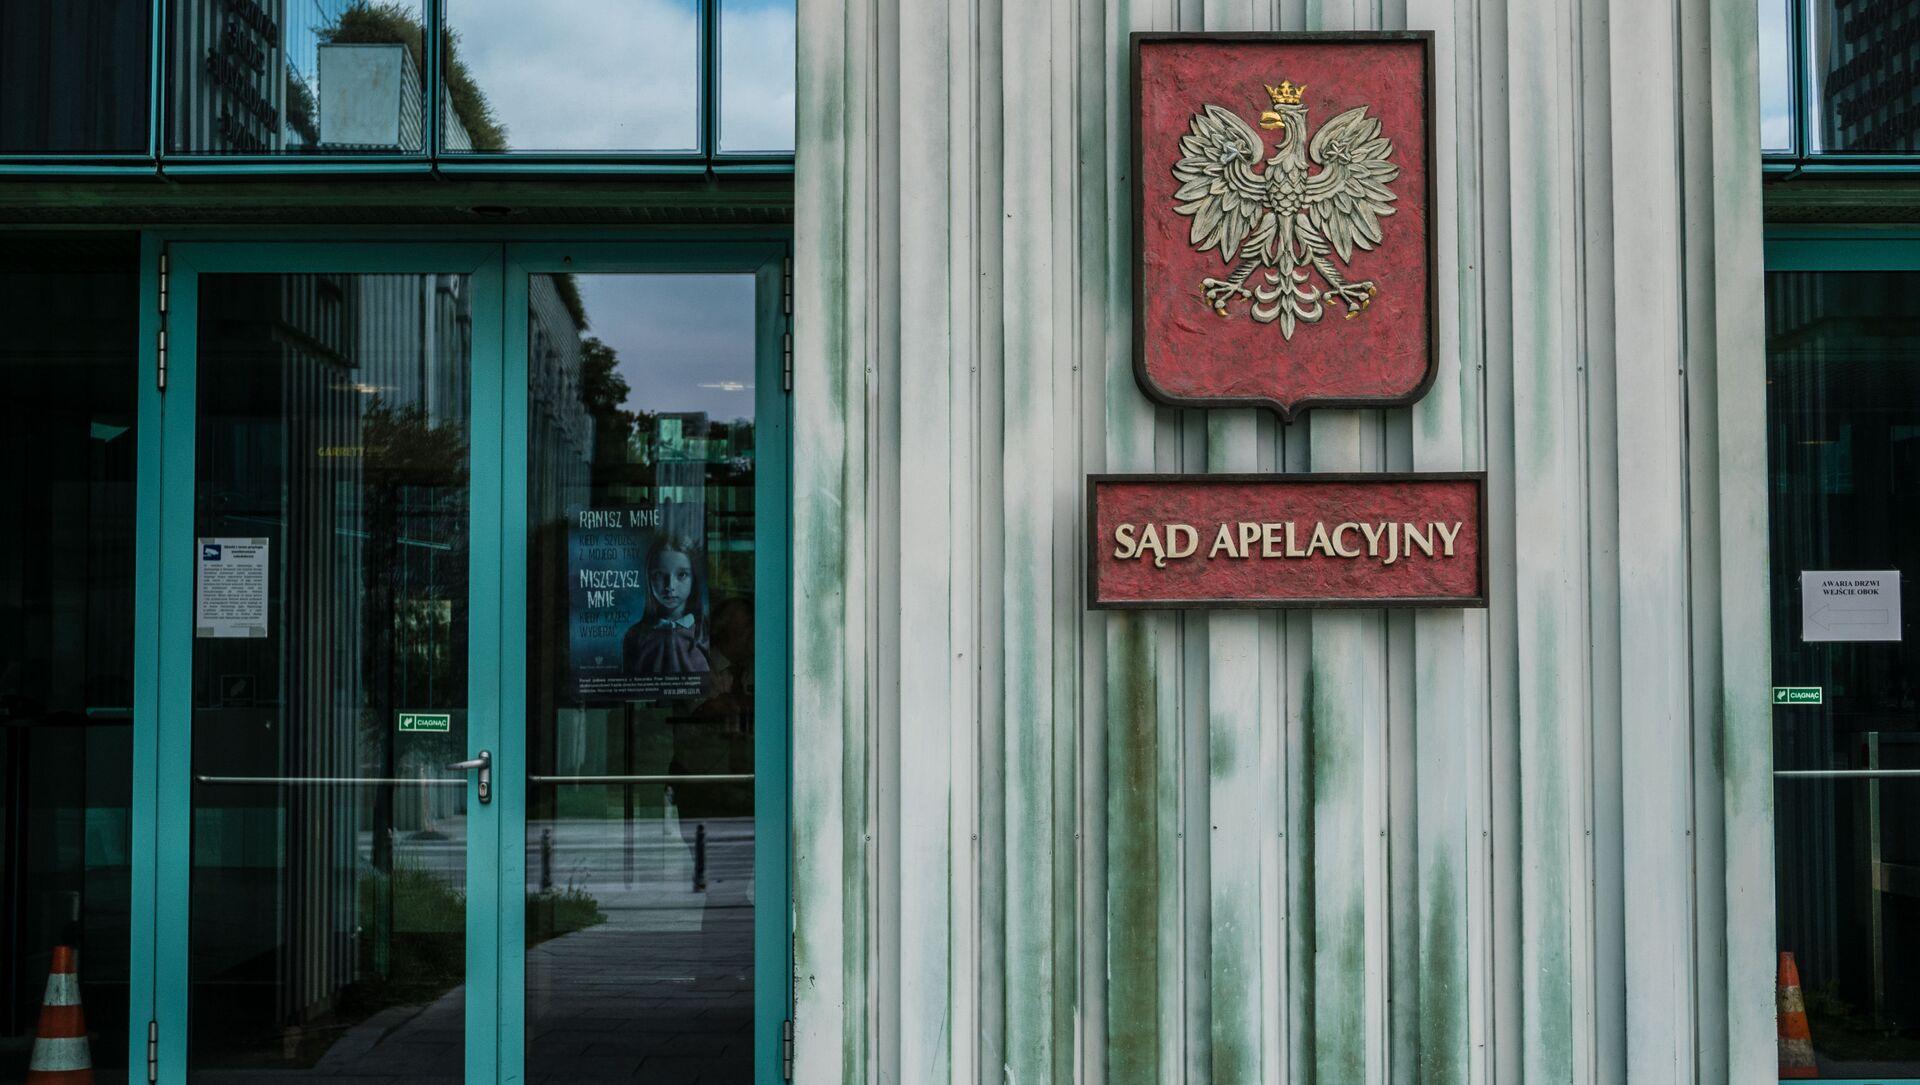 Sąd apelacyjny. Warszawa - Sputnik Polska, 1920, 19.03.2021